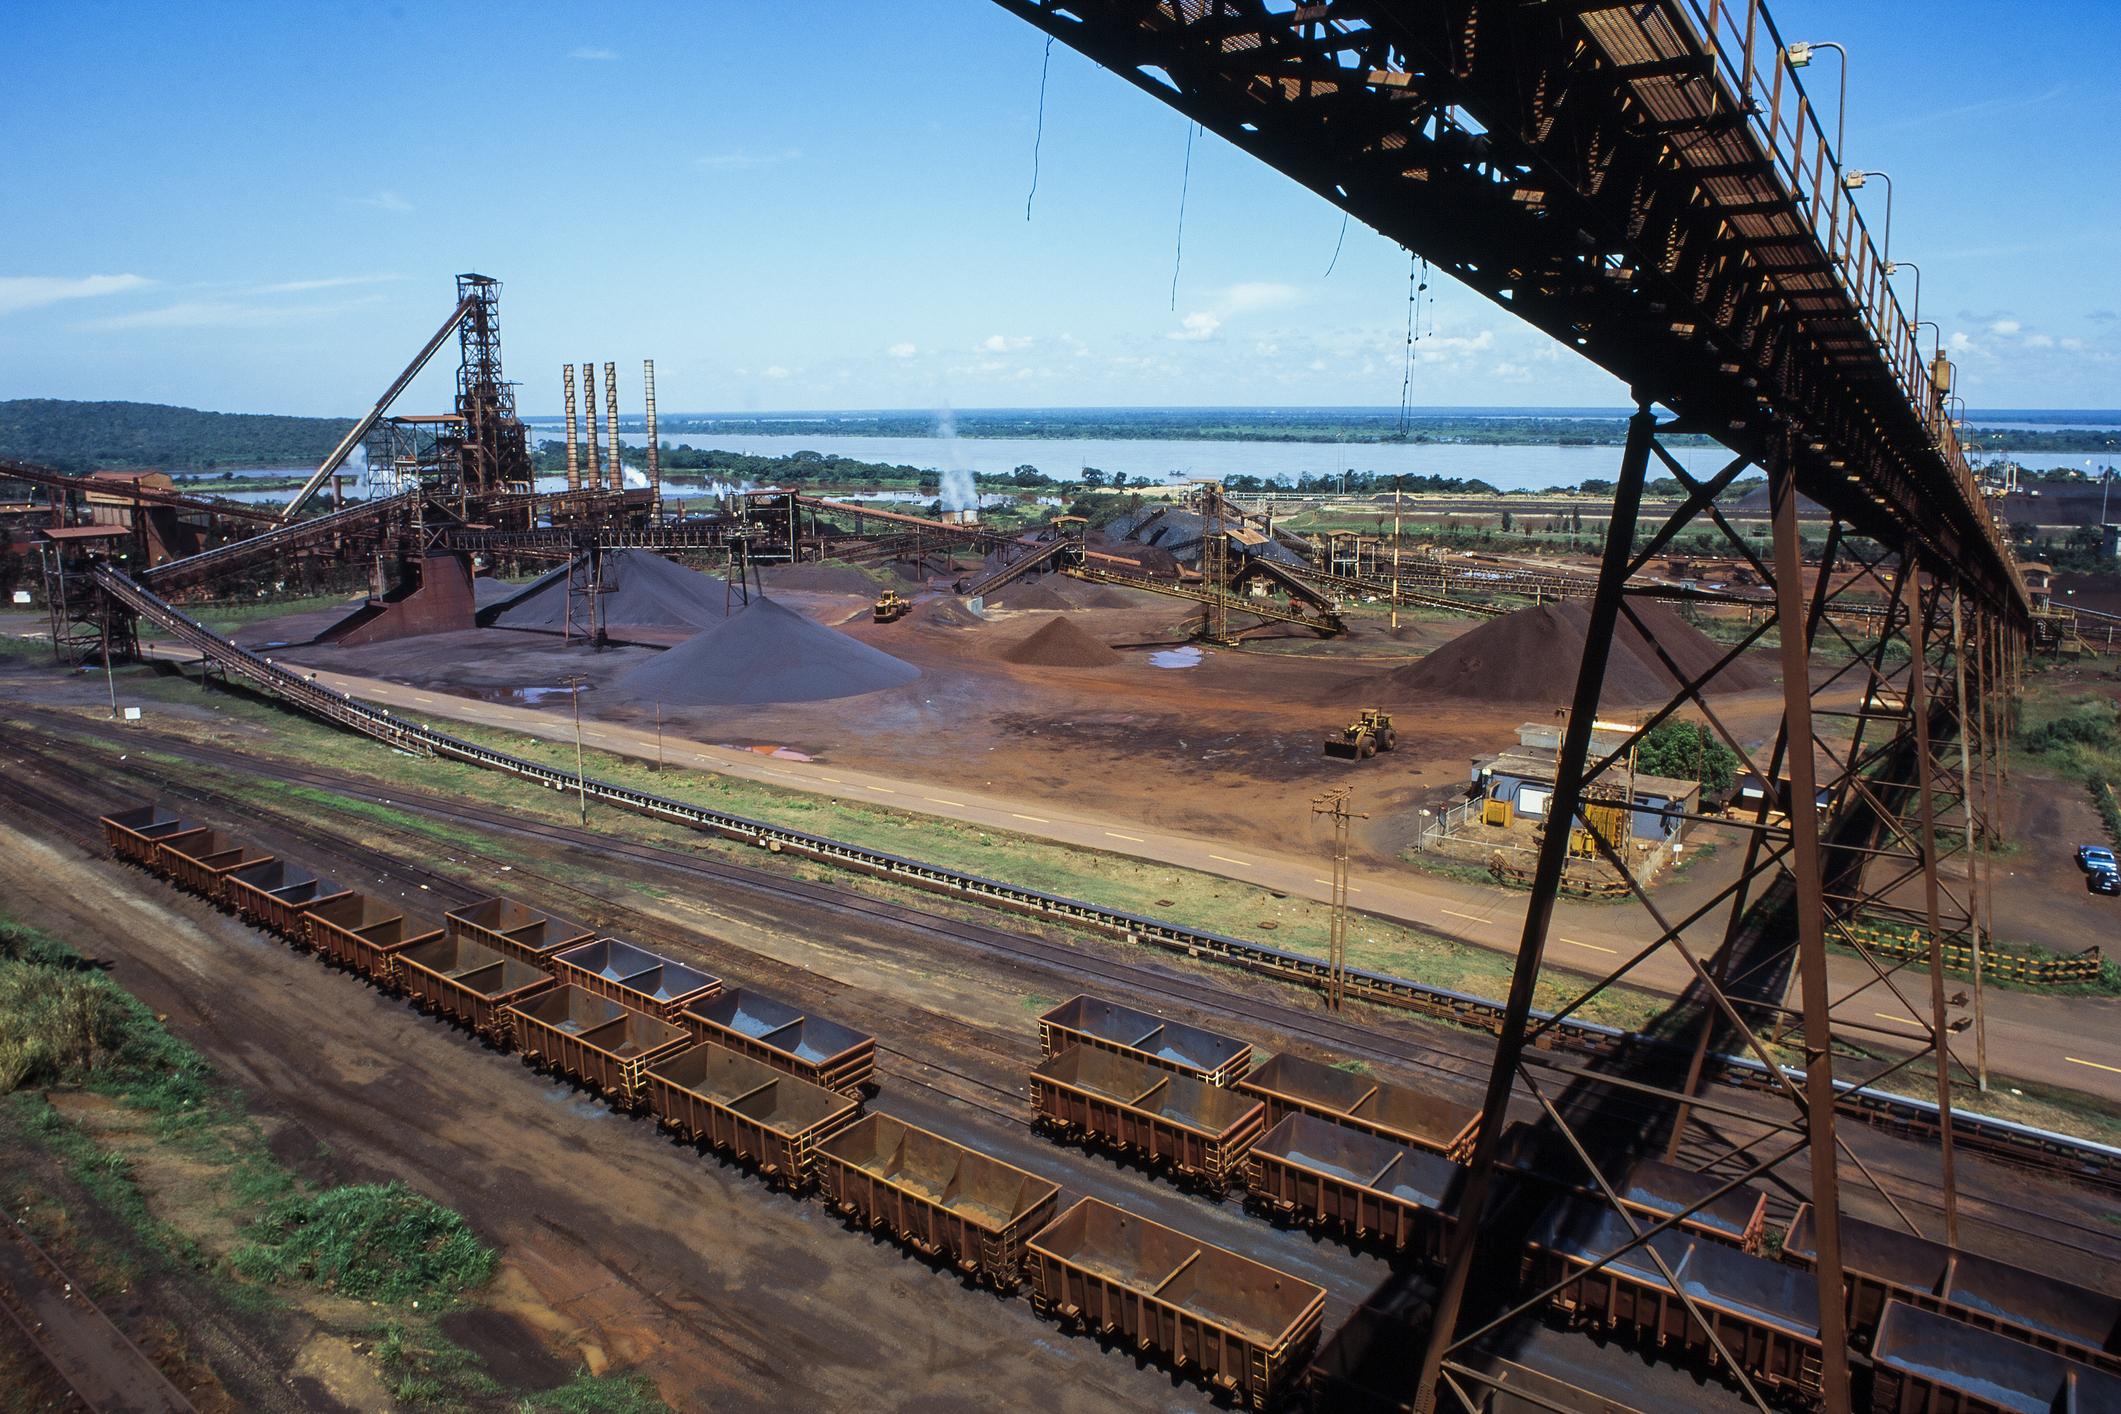 Iron ore loading facility.